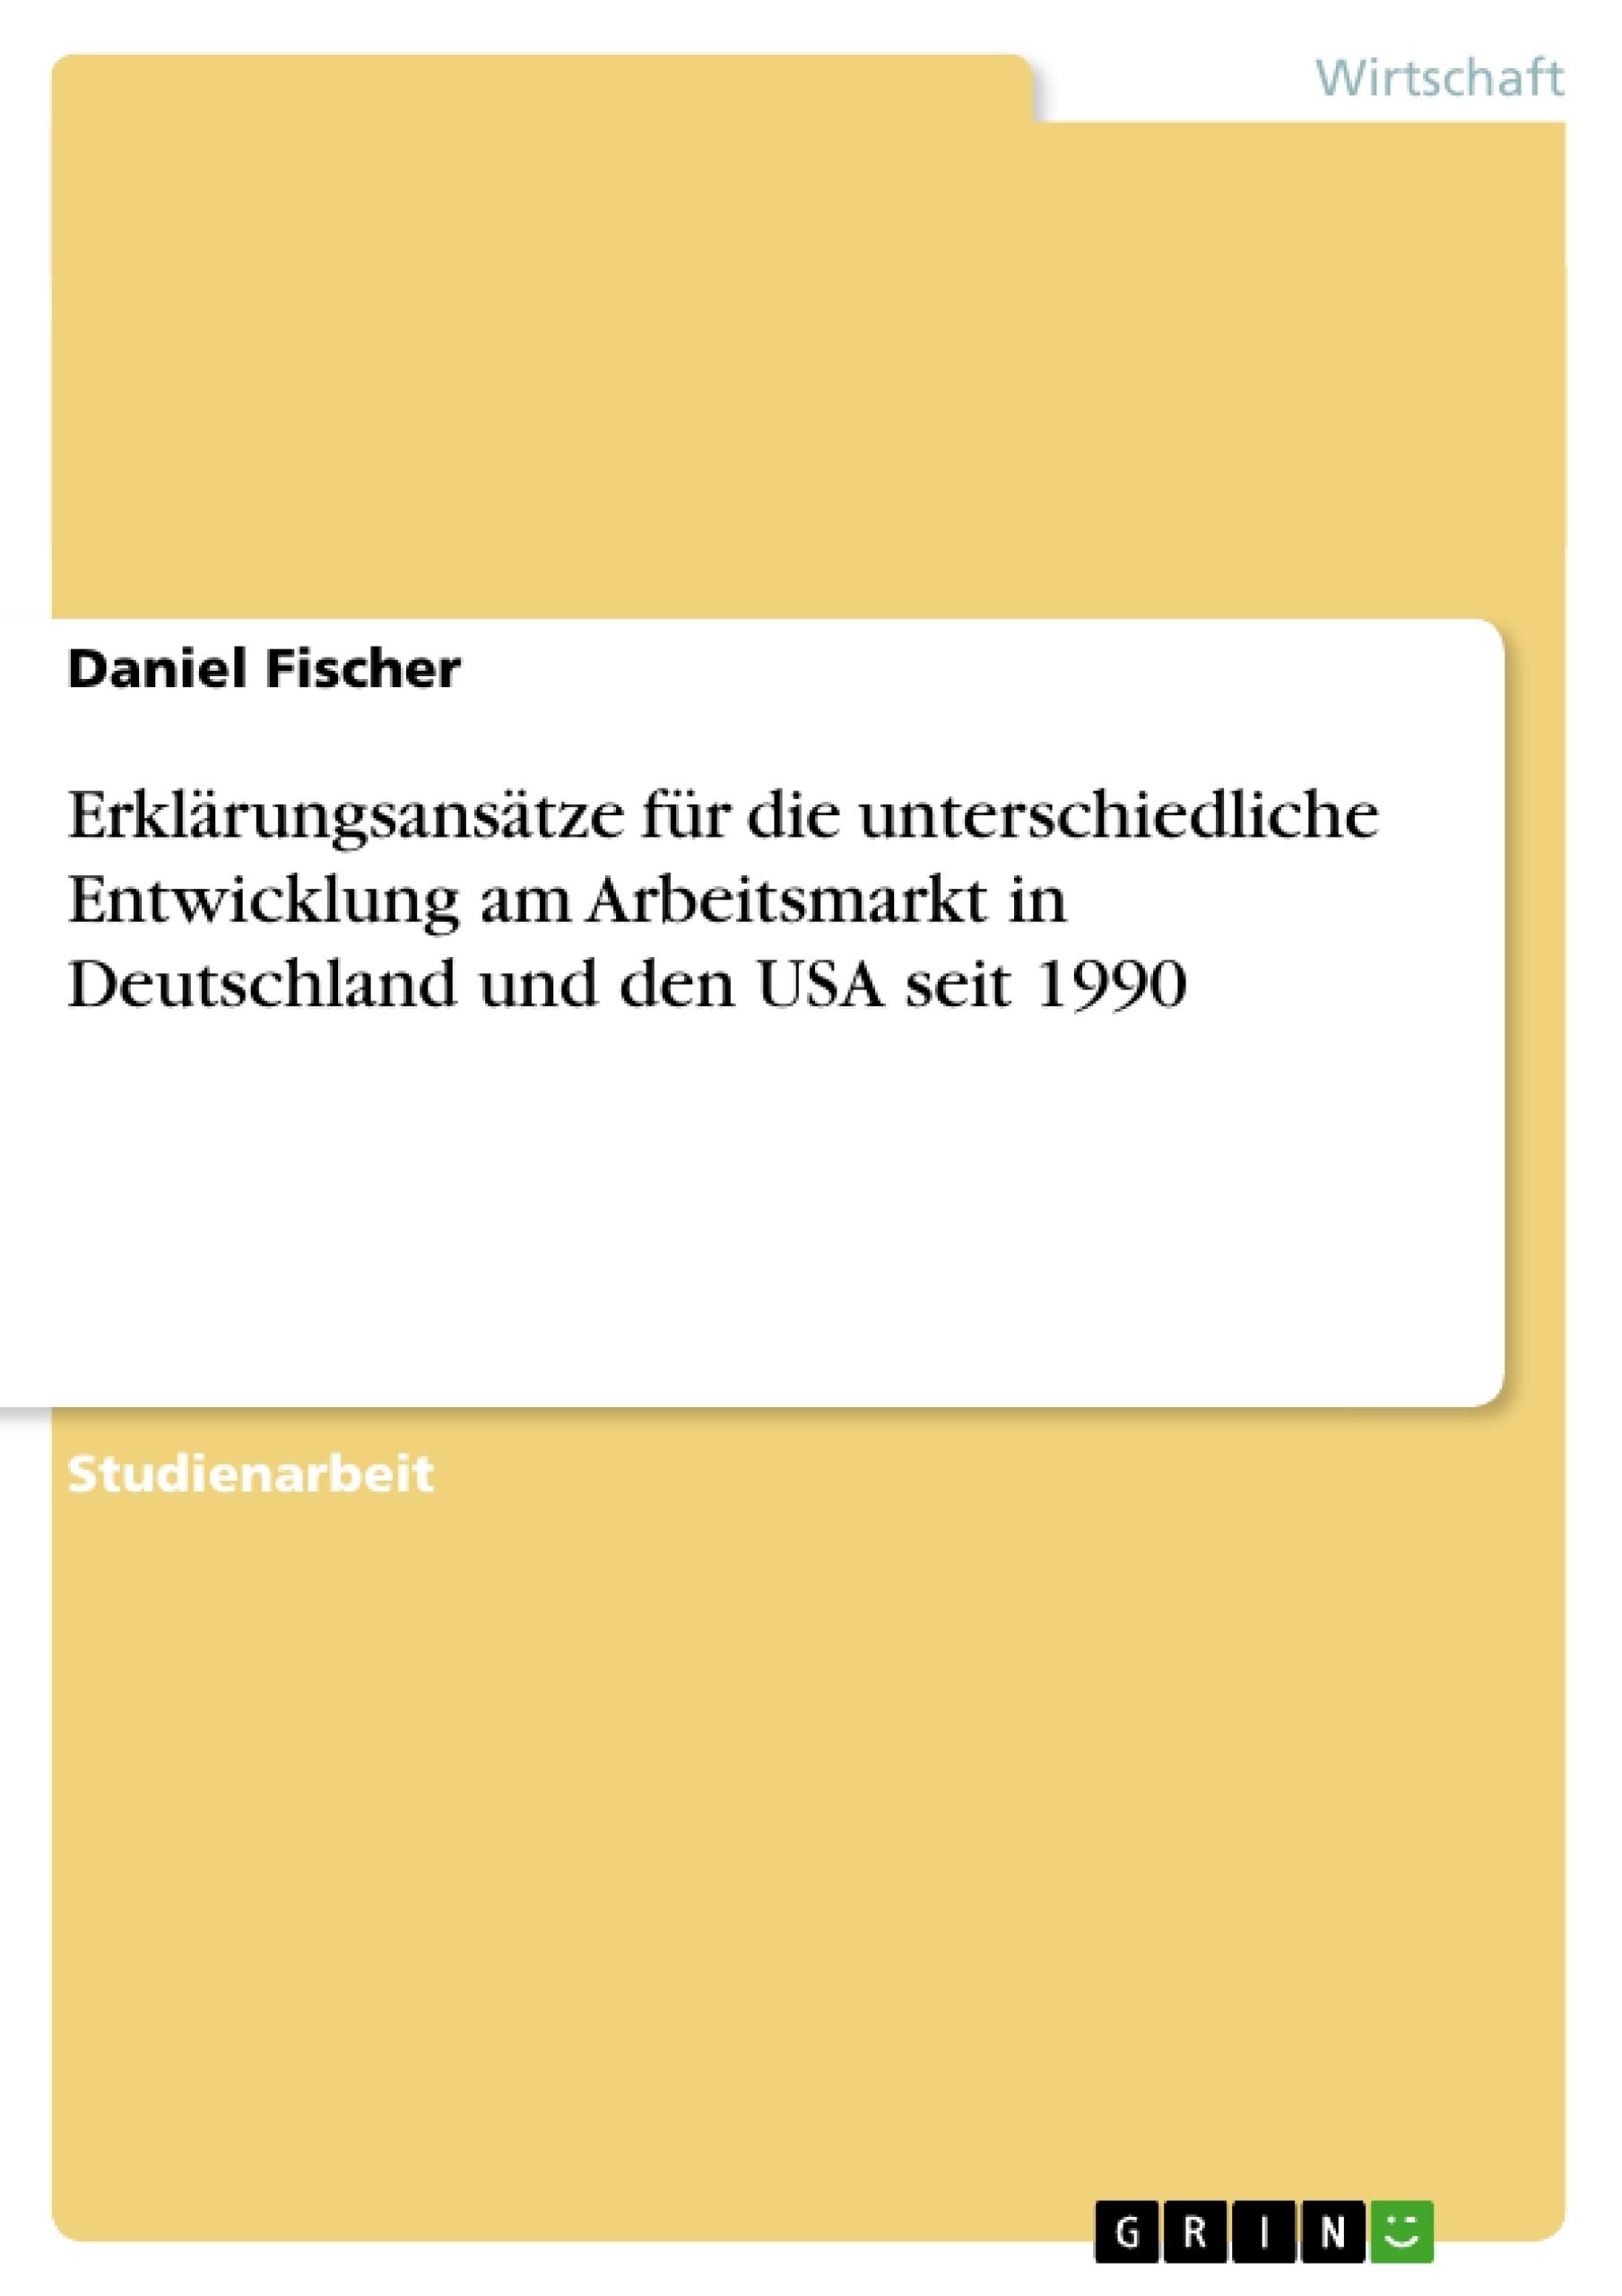 Titel: Erklärungsansätze für die unterschiedliche Entwicklung am Arbeitsmarkt in Deutschland und den USA seit 1990